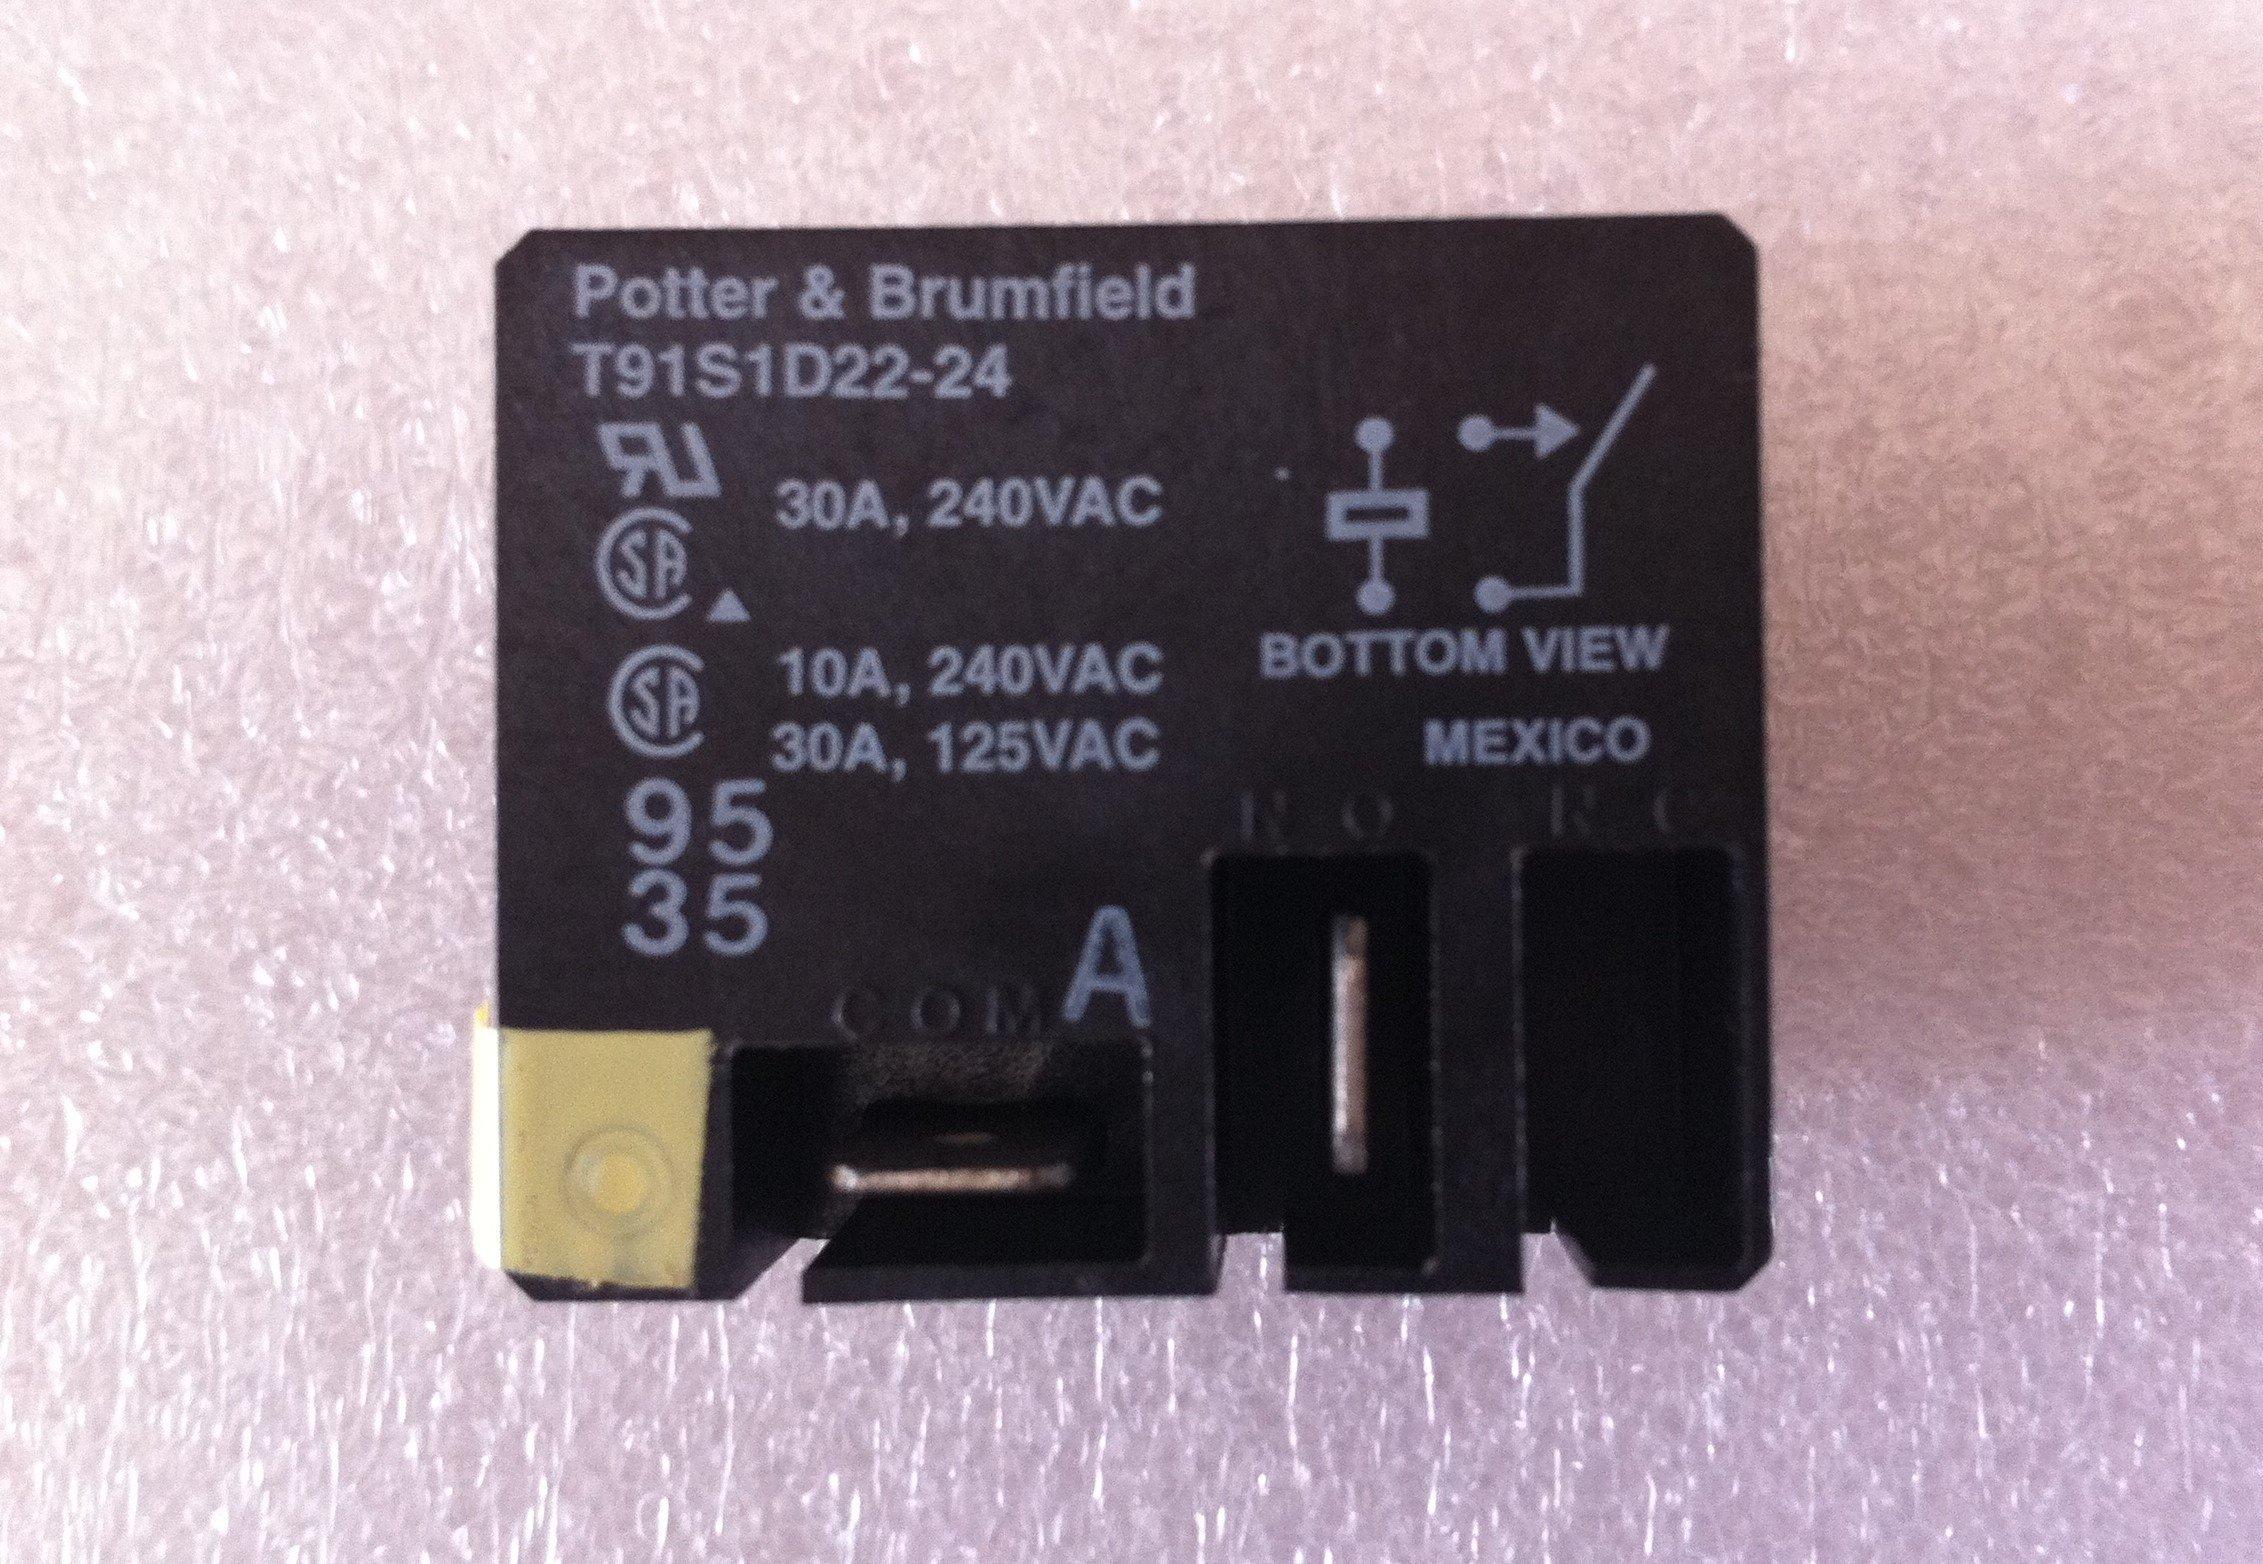 FLANGE 1 piece 24VDC 20A SPDT TE CONNECTIVITY // POTTER /& BRUMFIELD T9AP5D52-24 POWER RELAY